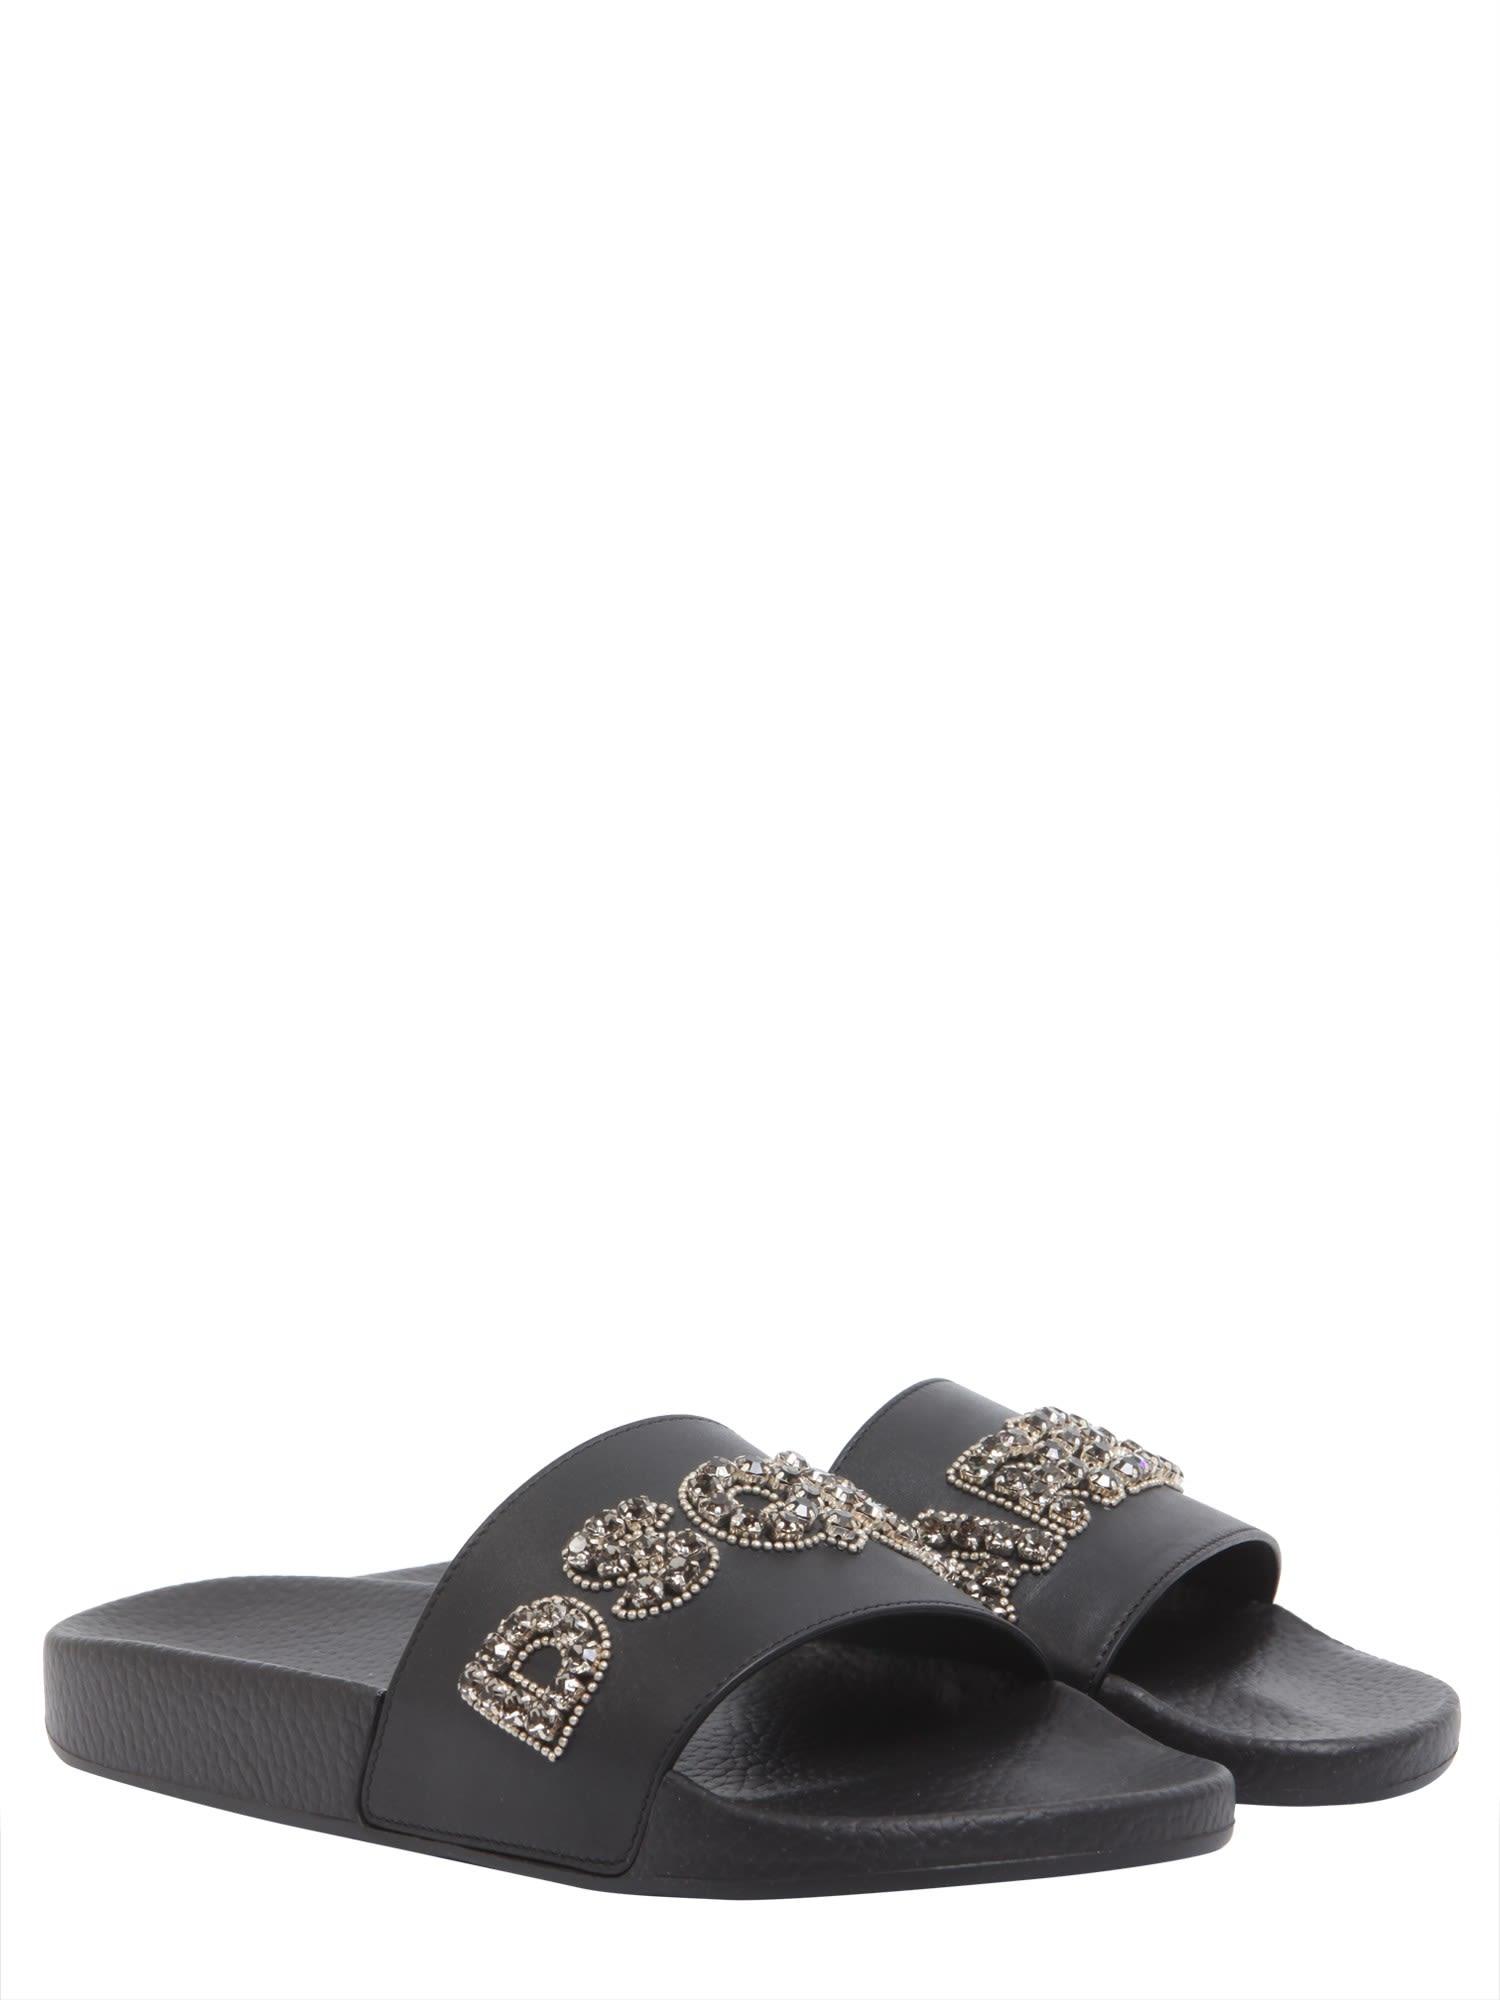 Dsquared2 Slide sandals with embellished logo Y3U4sVw